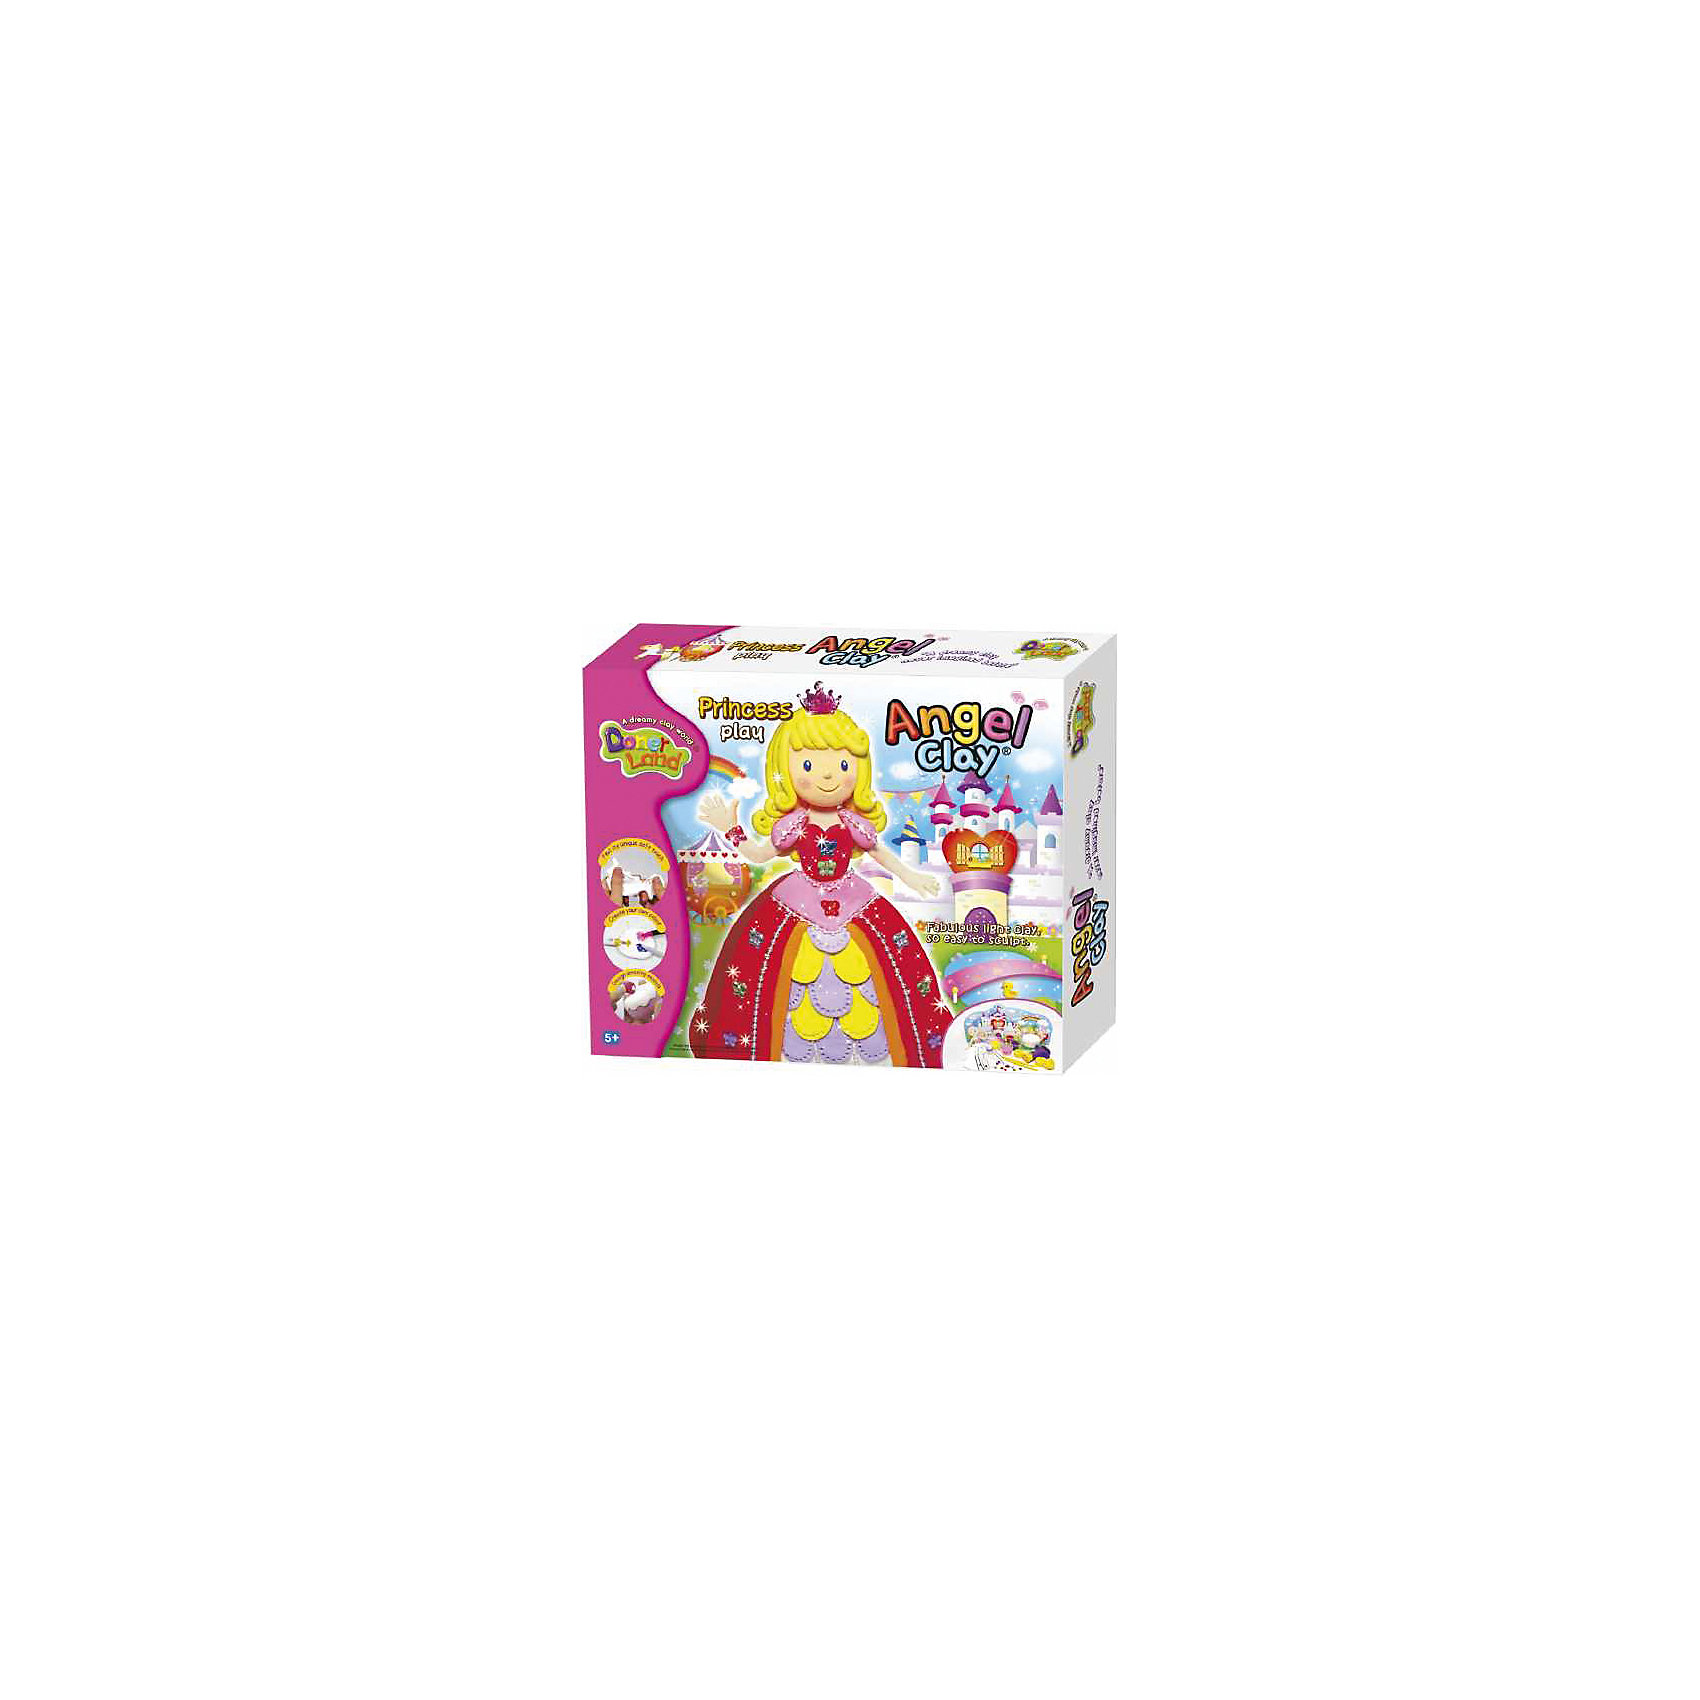 Angel Clay Игровой набор для лепки из глины  Princess Play, Angel Clay масса для лепки candy clay набор конфетки